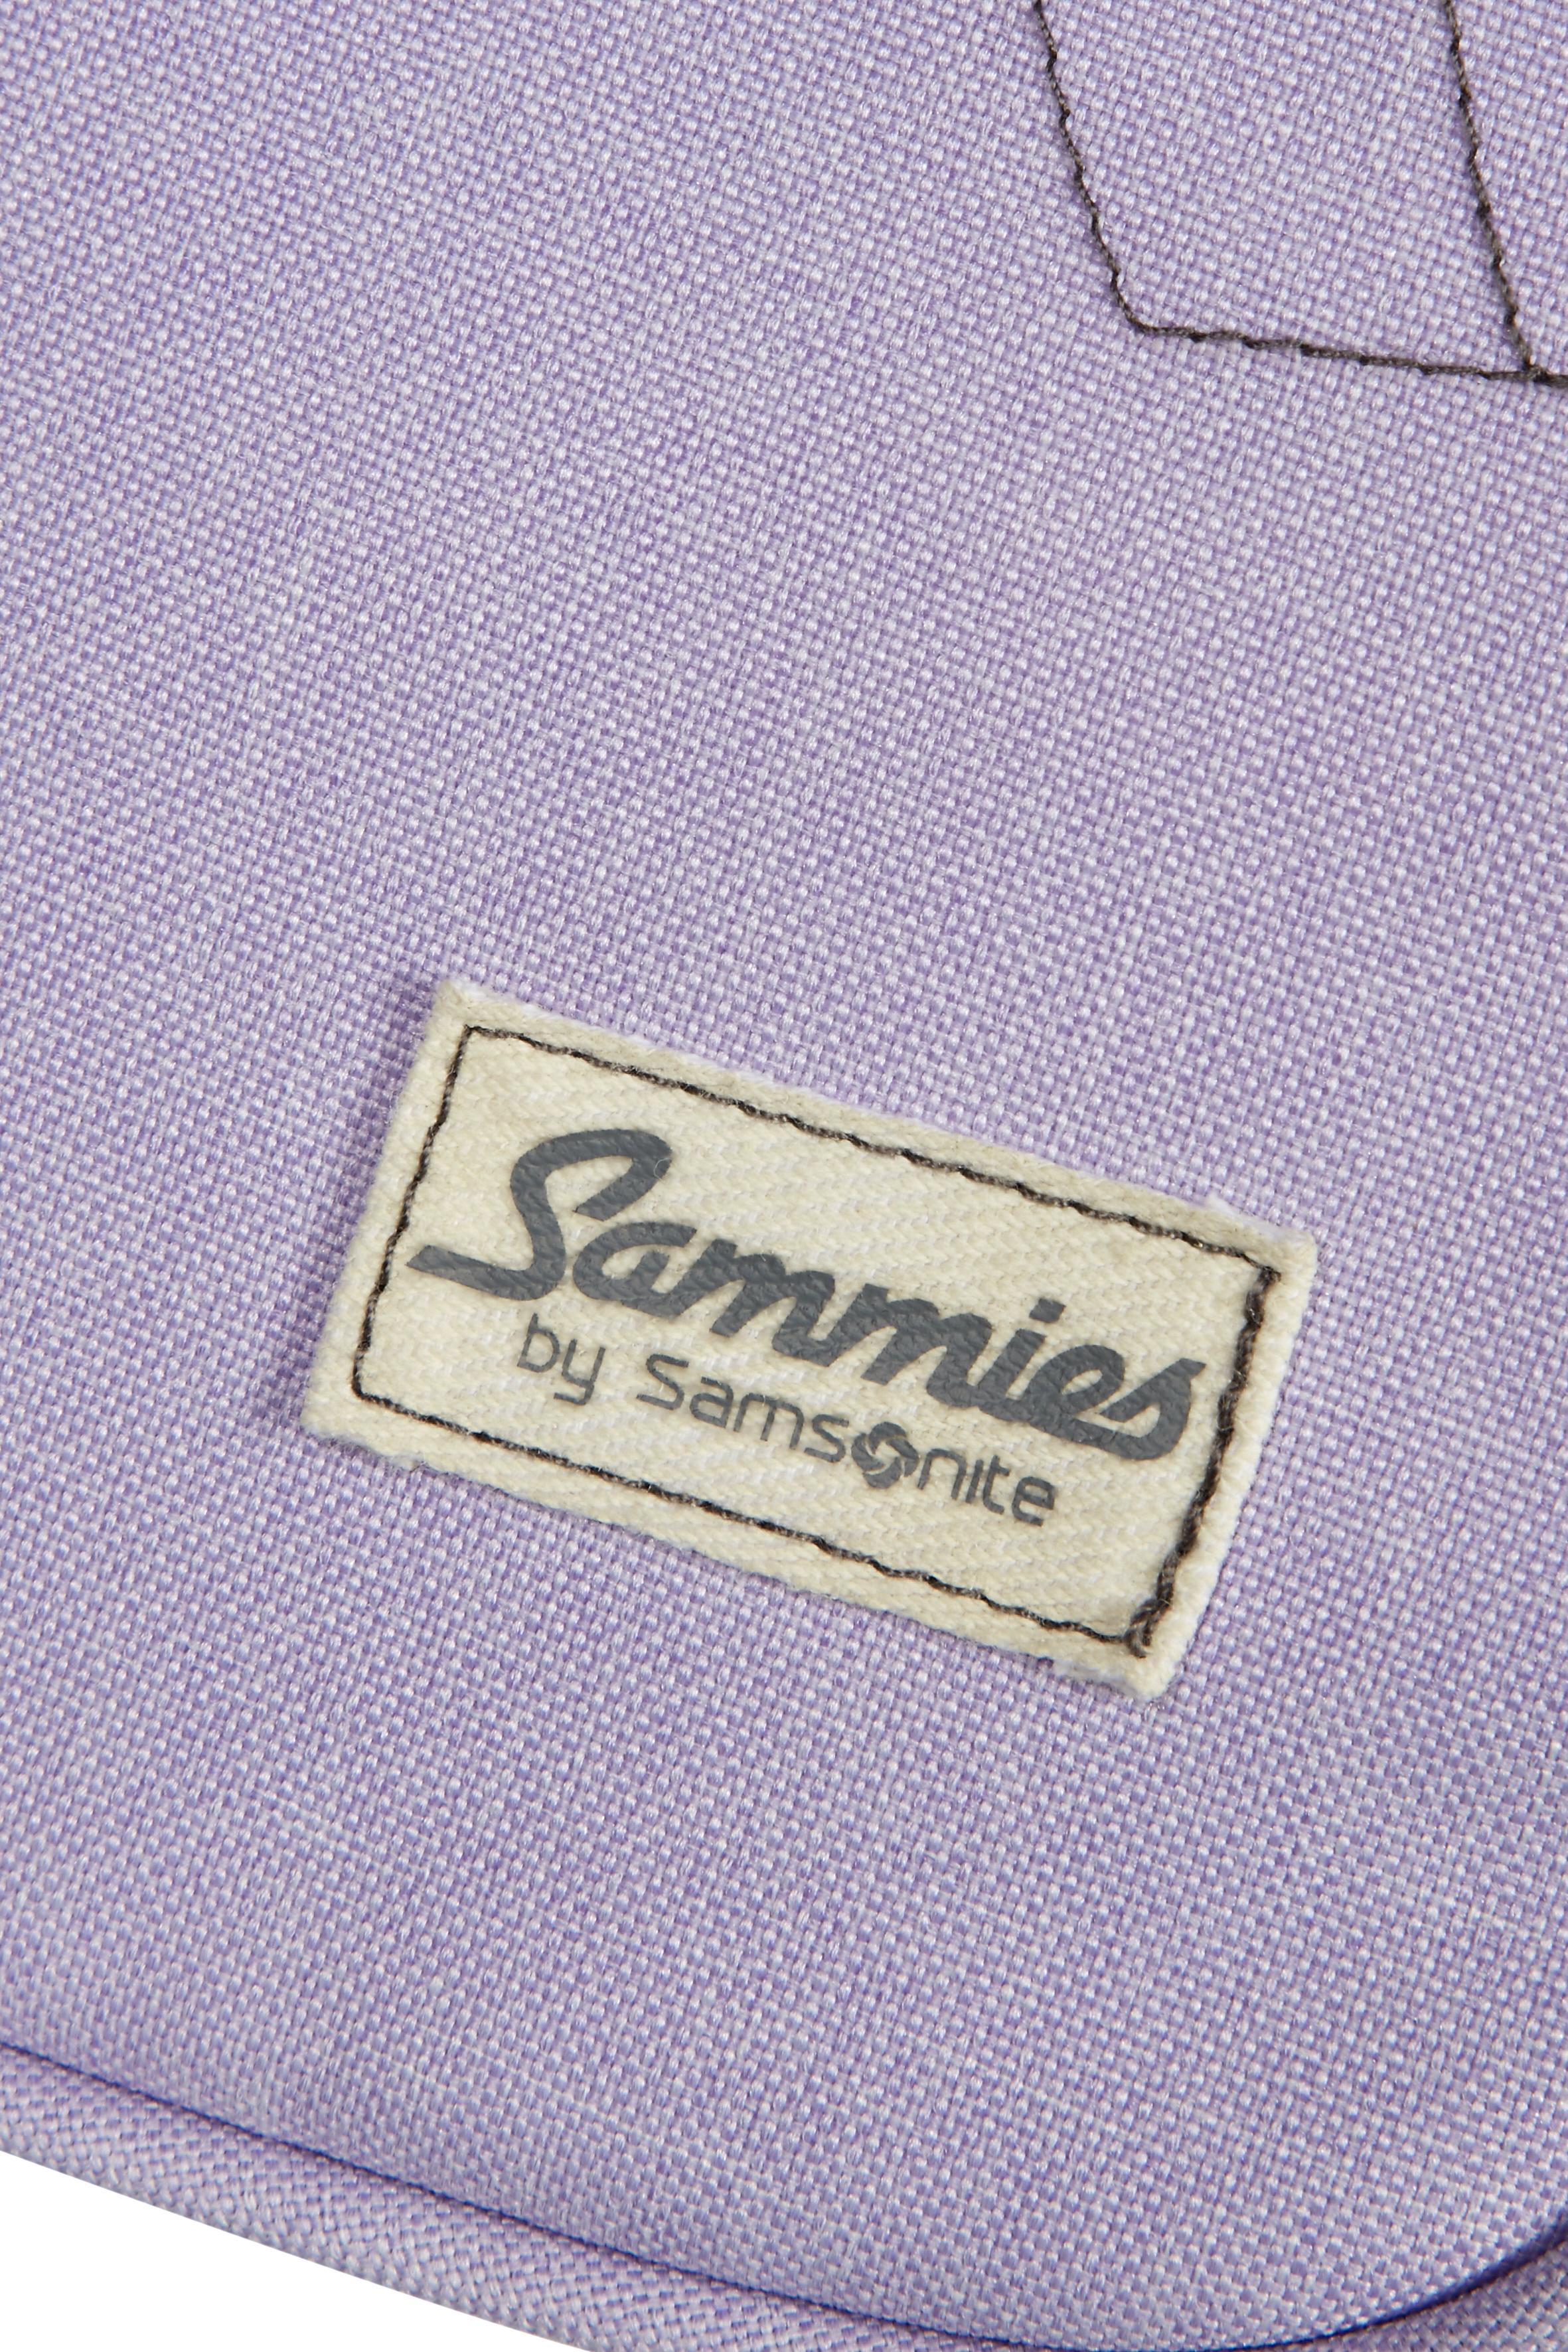 HAPPY SAMMIES-UPRIGHT 2 Tekerlekli 45 cm SCD0-013-SF000*91